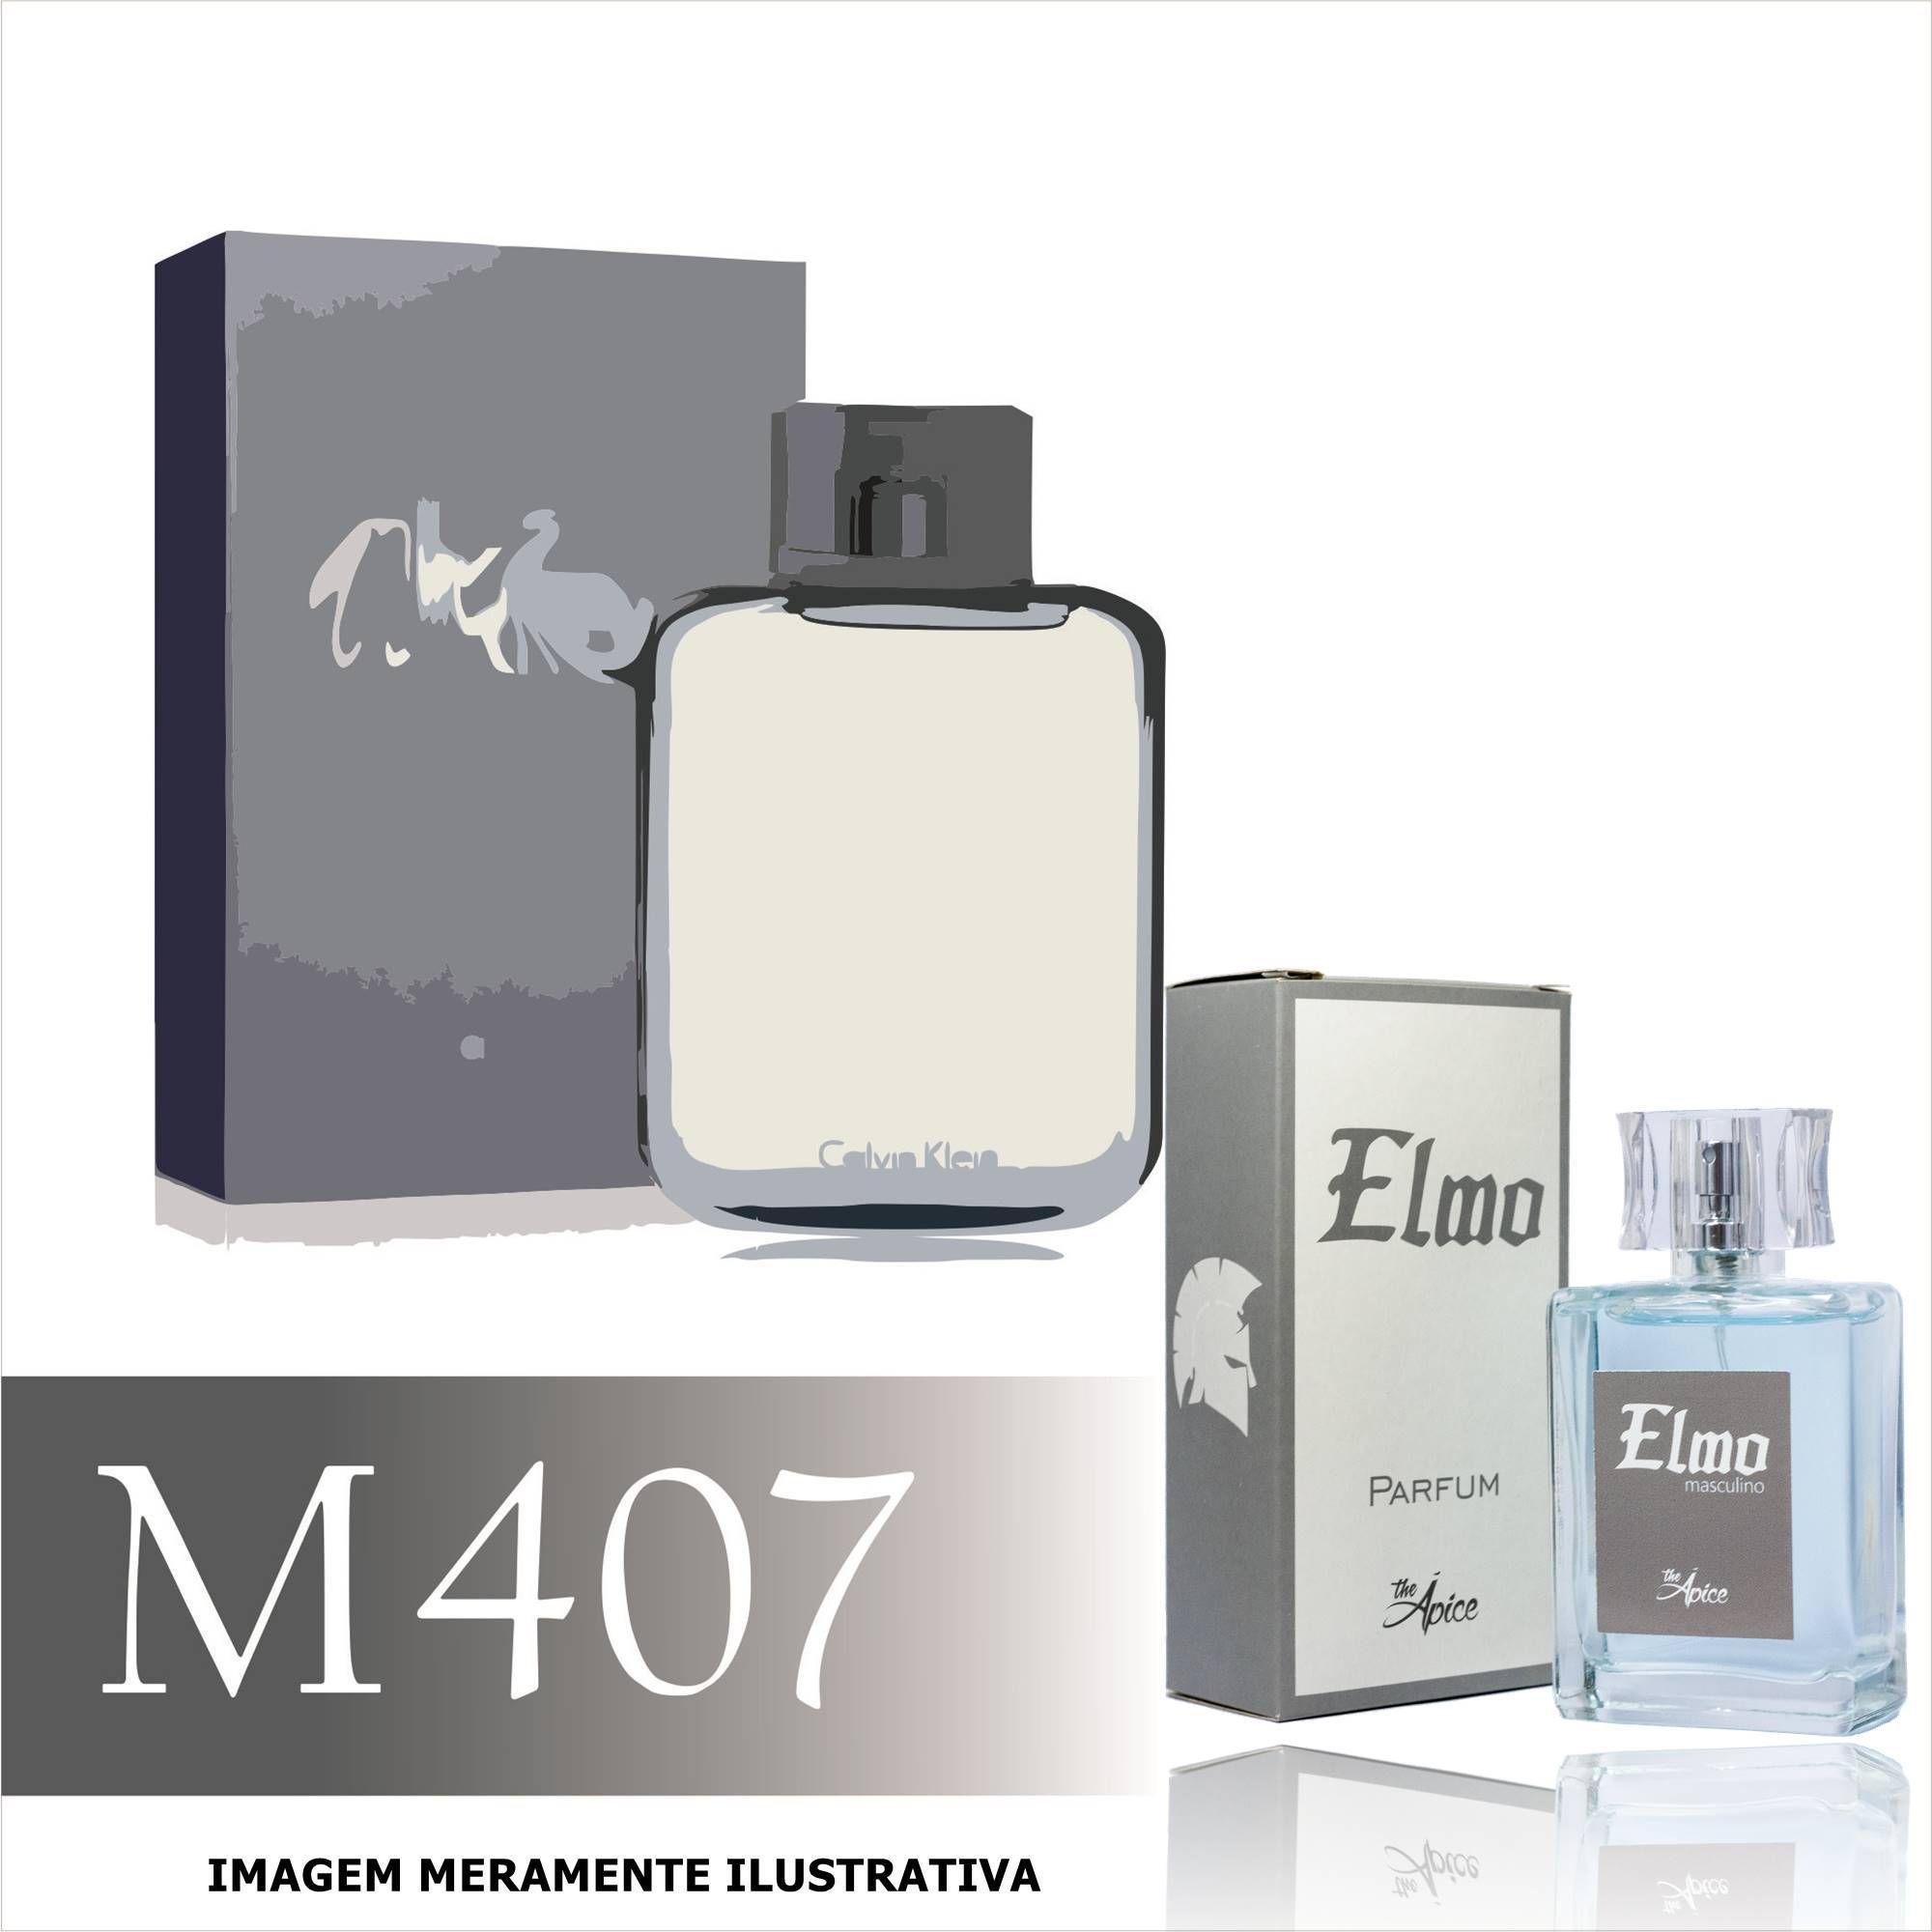 Perfume M407 Inspirado no CK Free da Calvin Klein Masculino